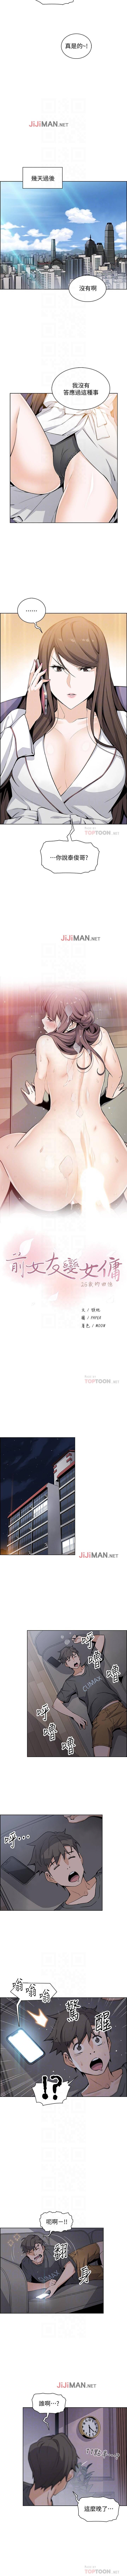 【周四连载】前女友变女佣(作者:PAPER&頸枕) 第1~33话 195